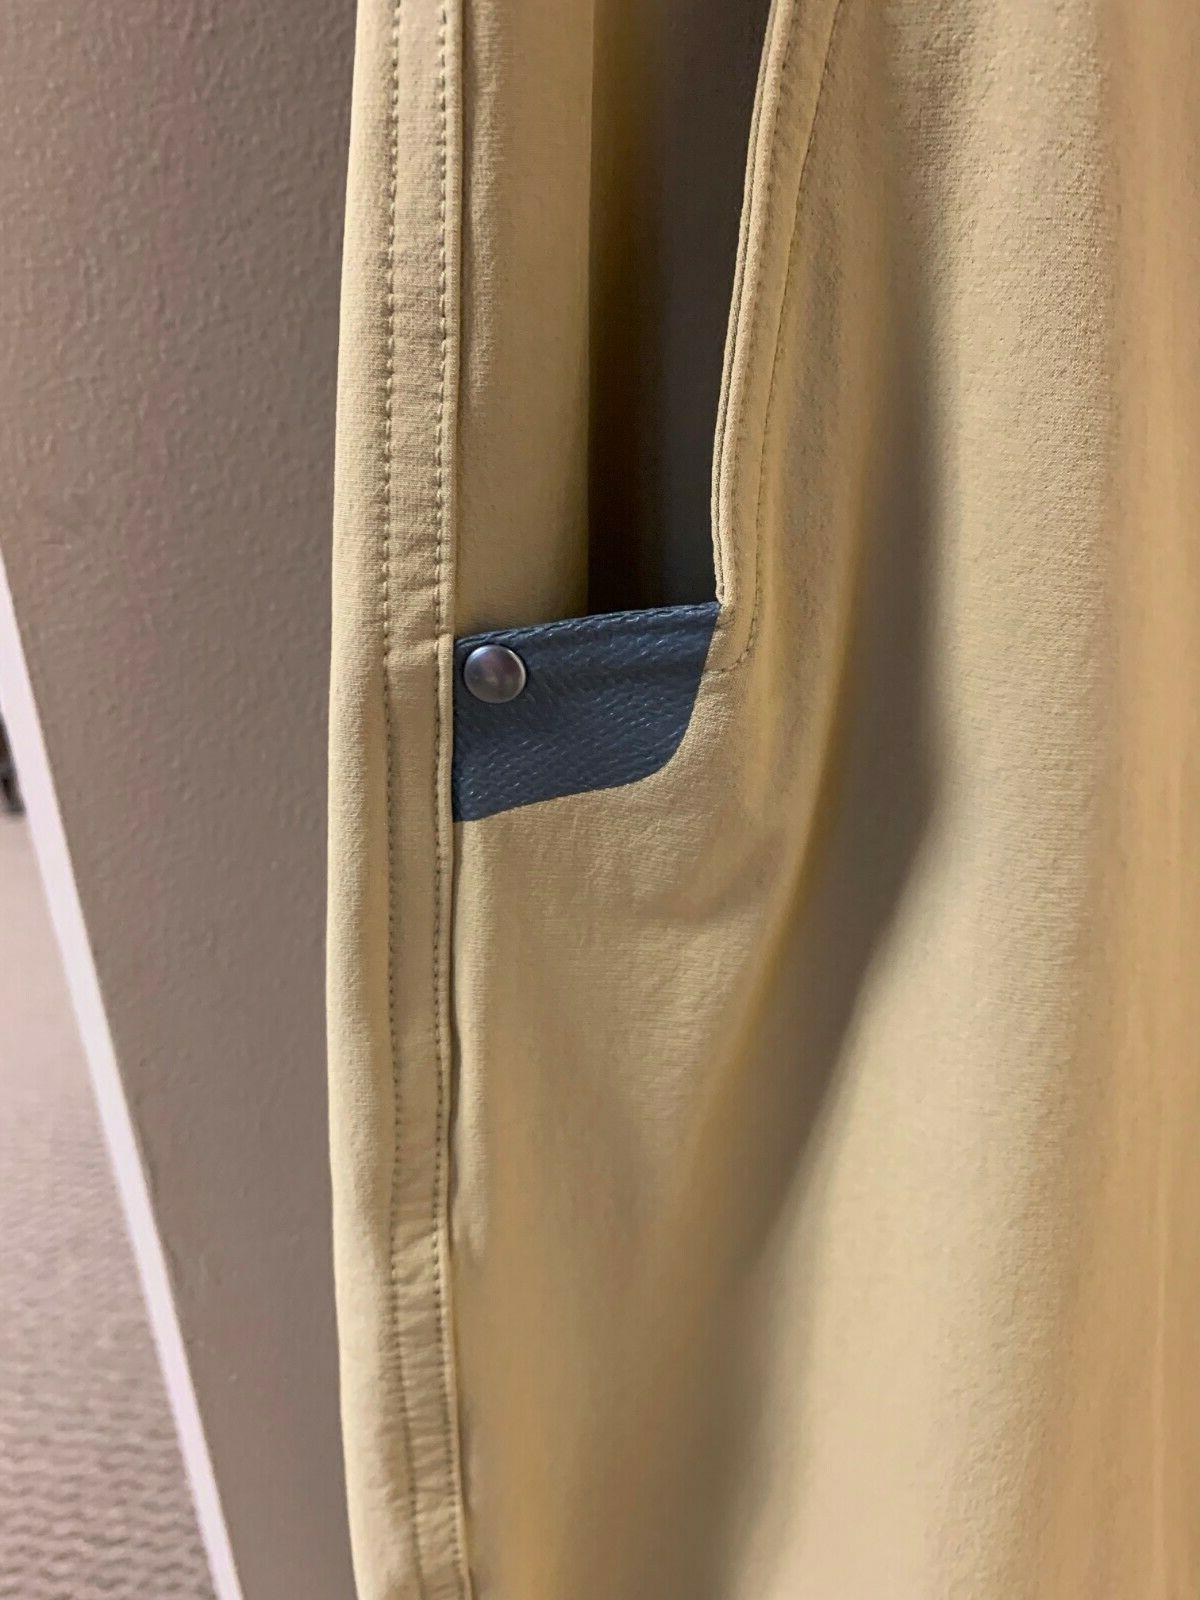 Sitka Gear Pants, Men's size color , brand